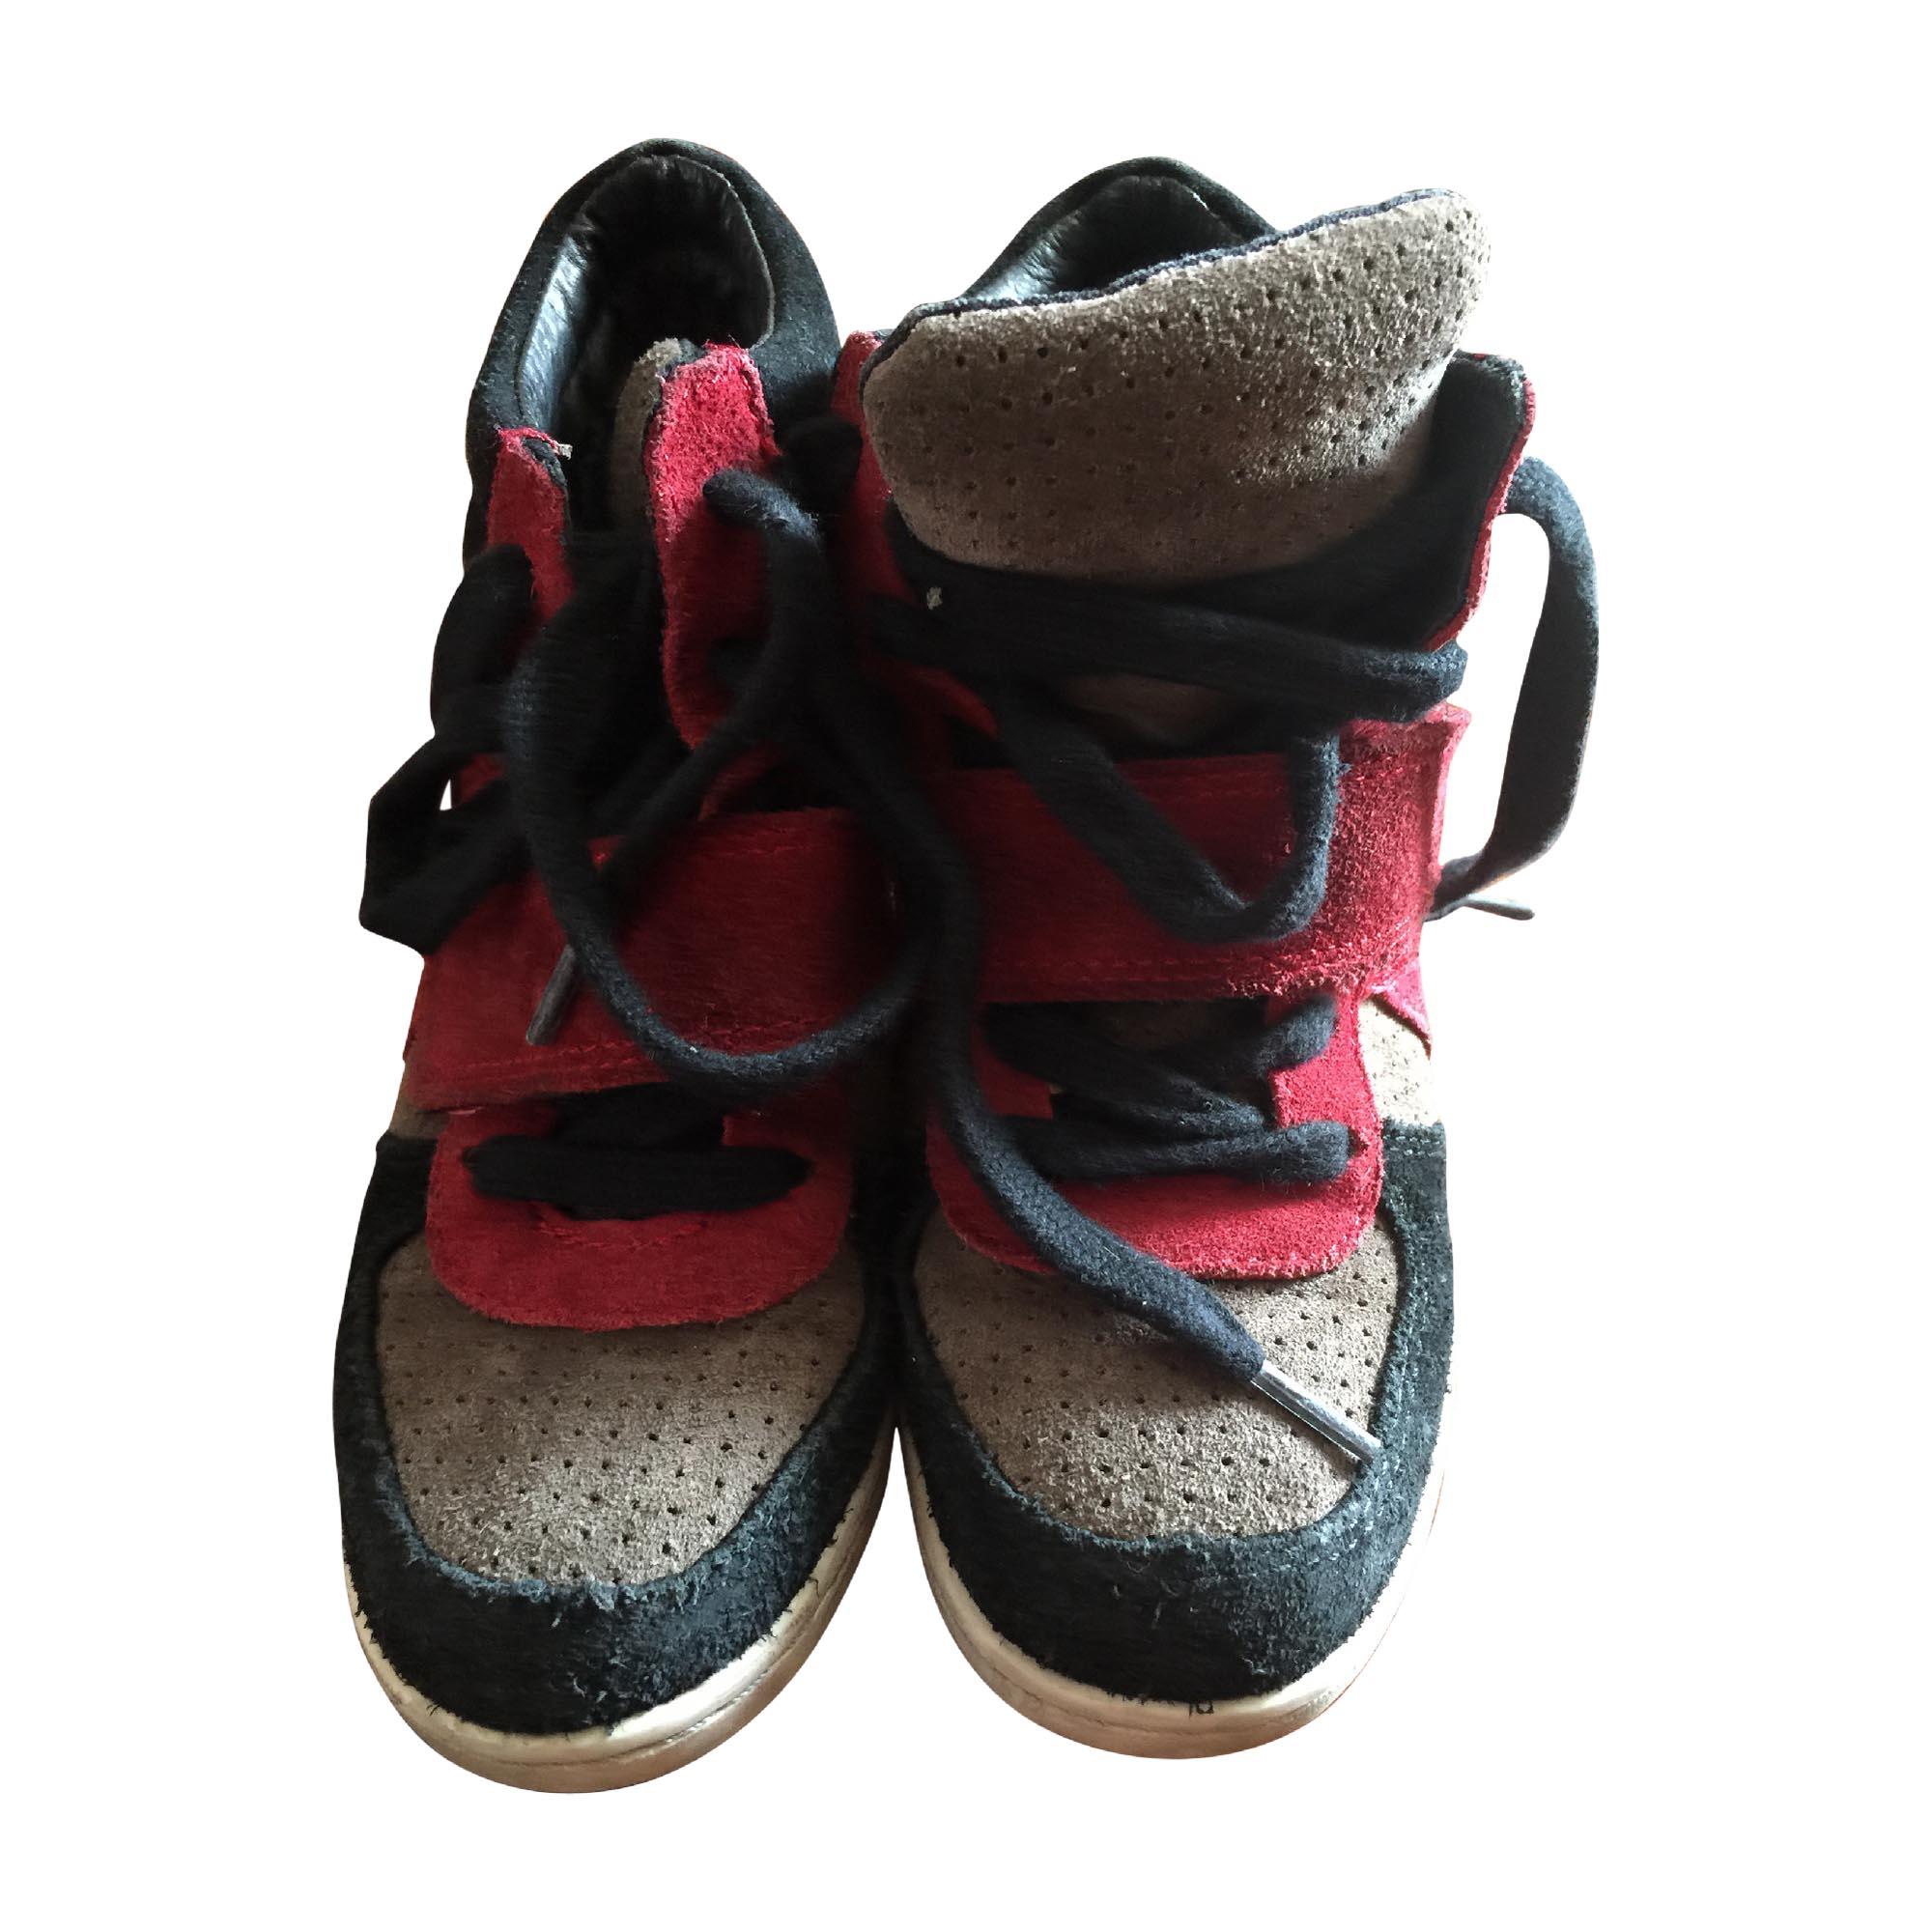 3543650 Ash Rouge Et À Chaussures Lacets 30 Noir q7xSEOa